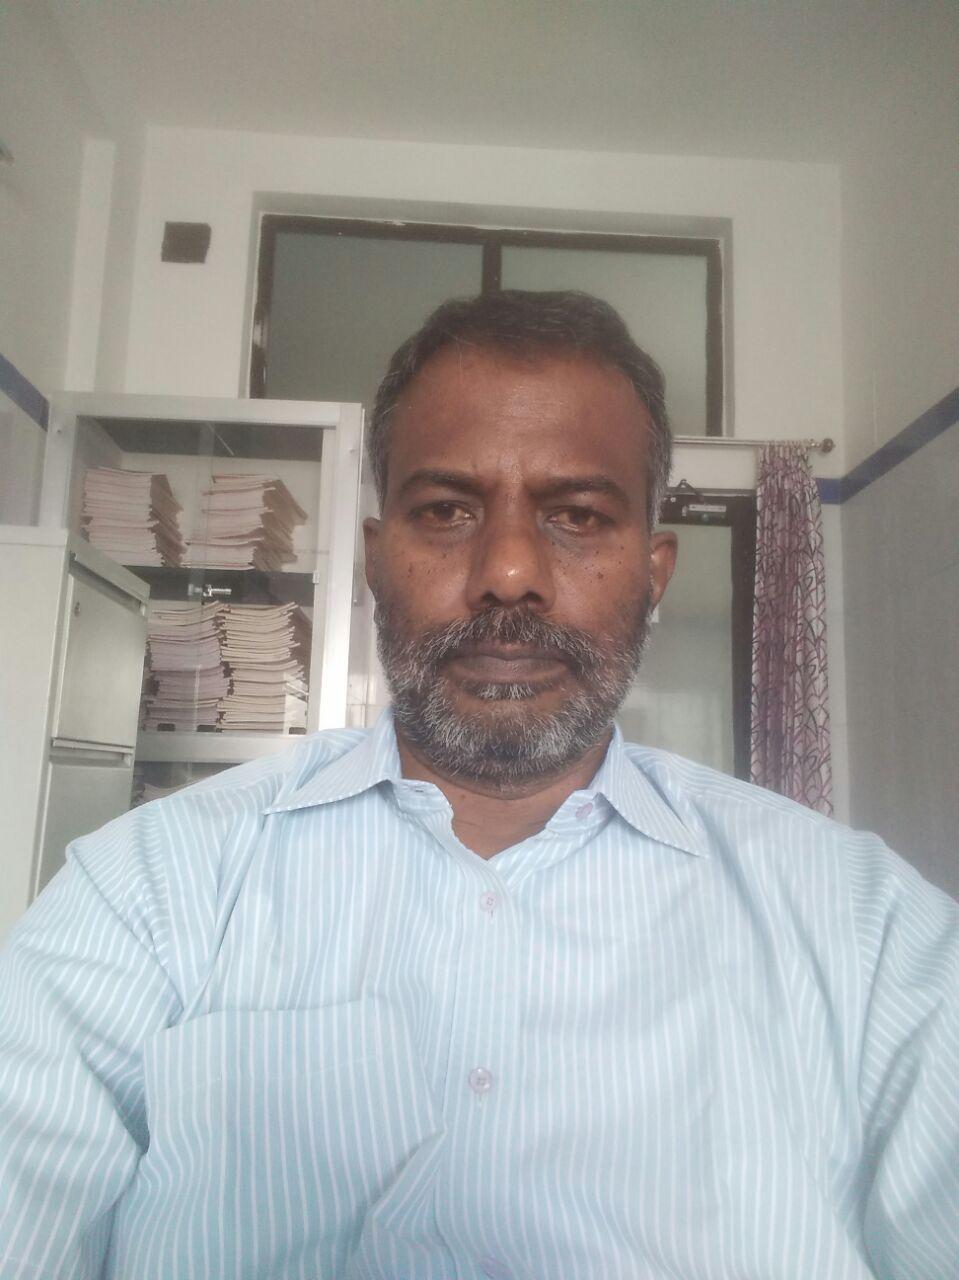 லட்சுமி நரசிம்மன்